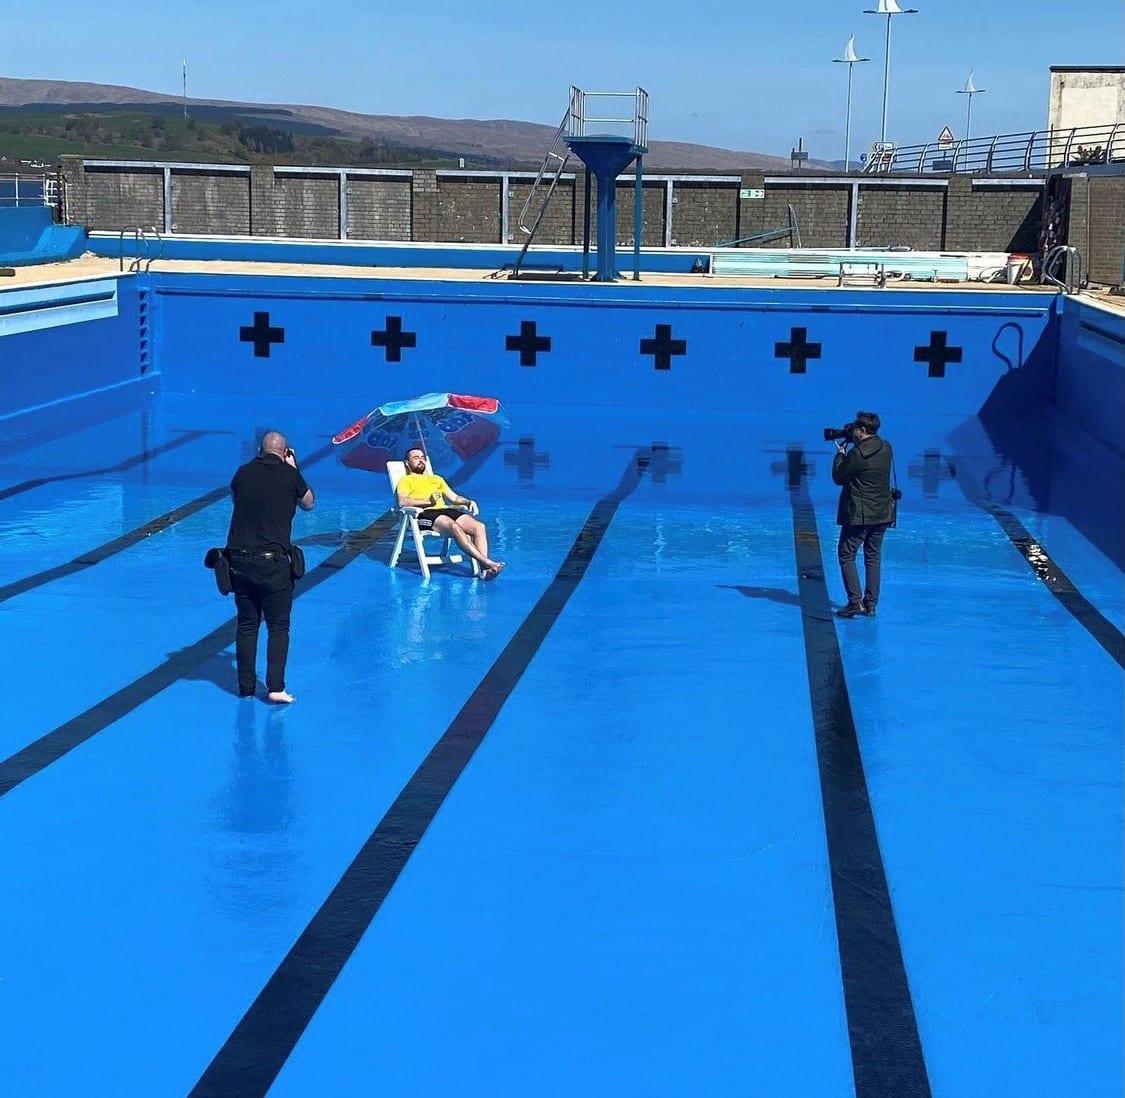 Gourock Outdoor Pool named in UKs top 10